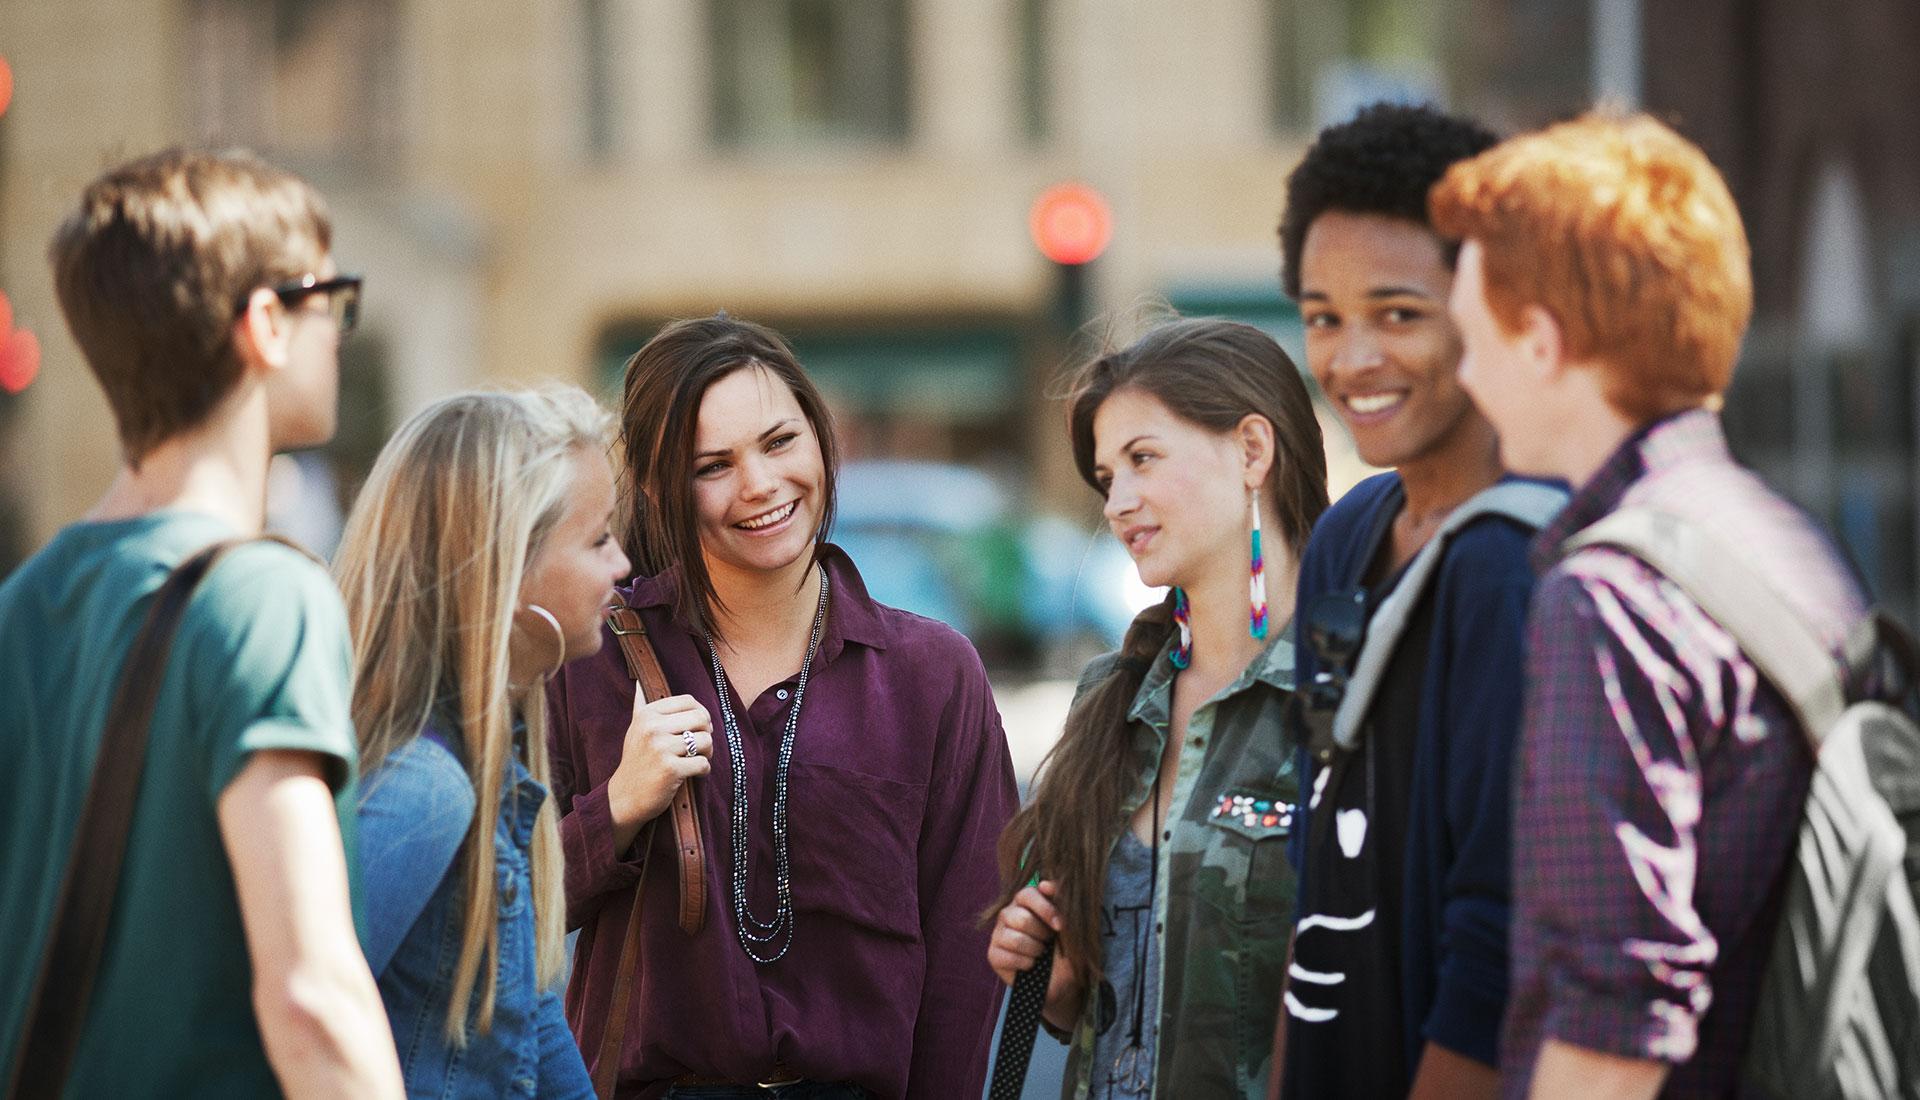 bande de jeunes adolescents parlant ensemble